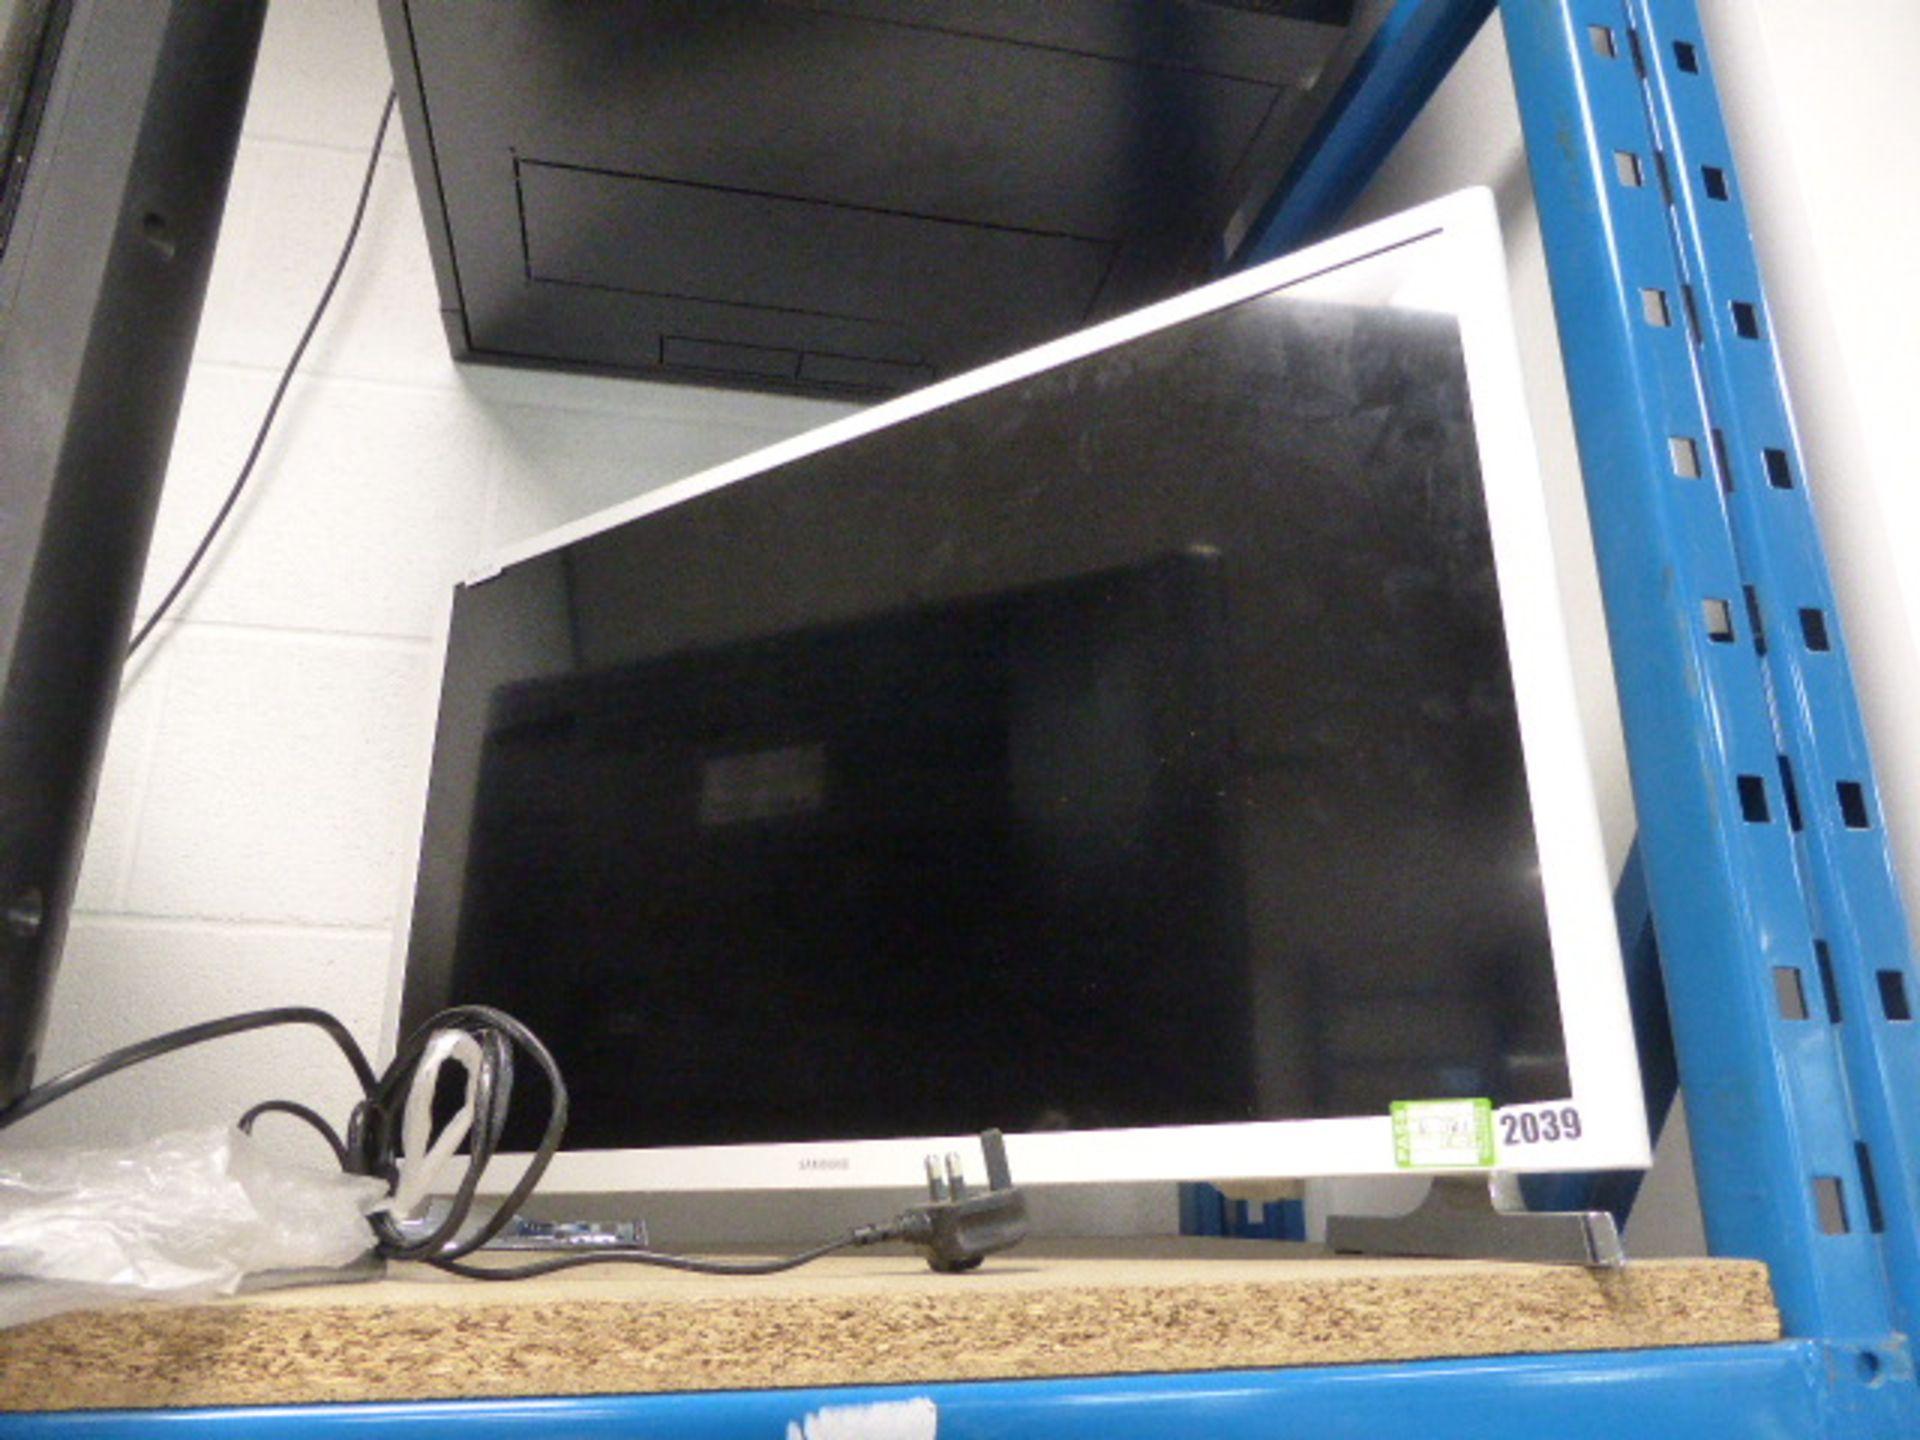 Lot 2039 - (101) Sharp 32'' TV UE32J4510 a/f